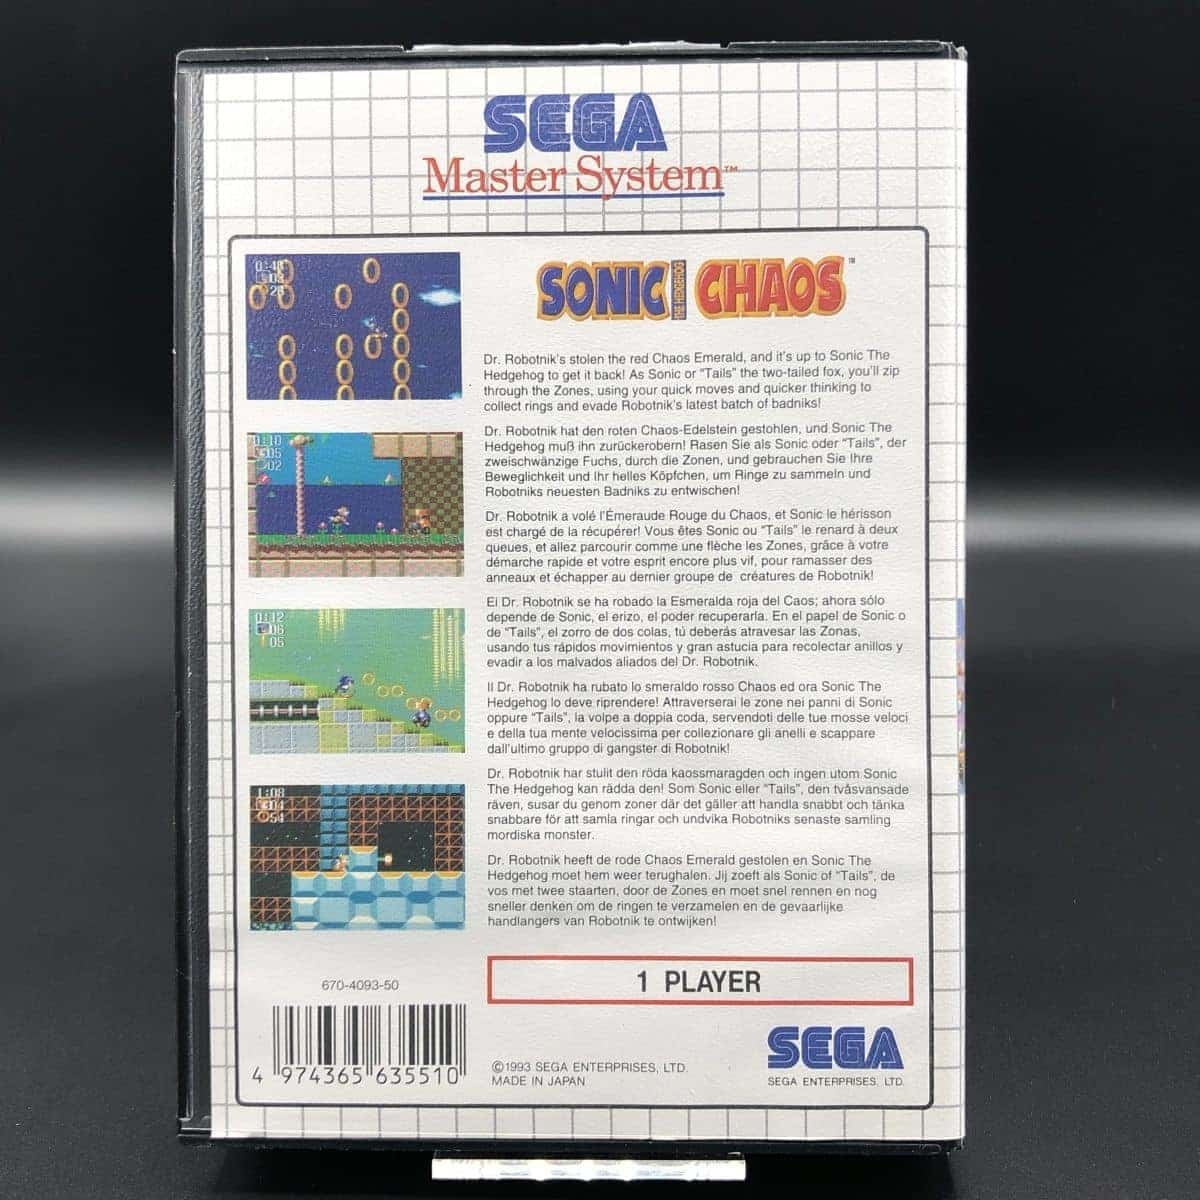 Sonic Chaos (Komplett) (Sehr gut) Sega Master System